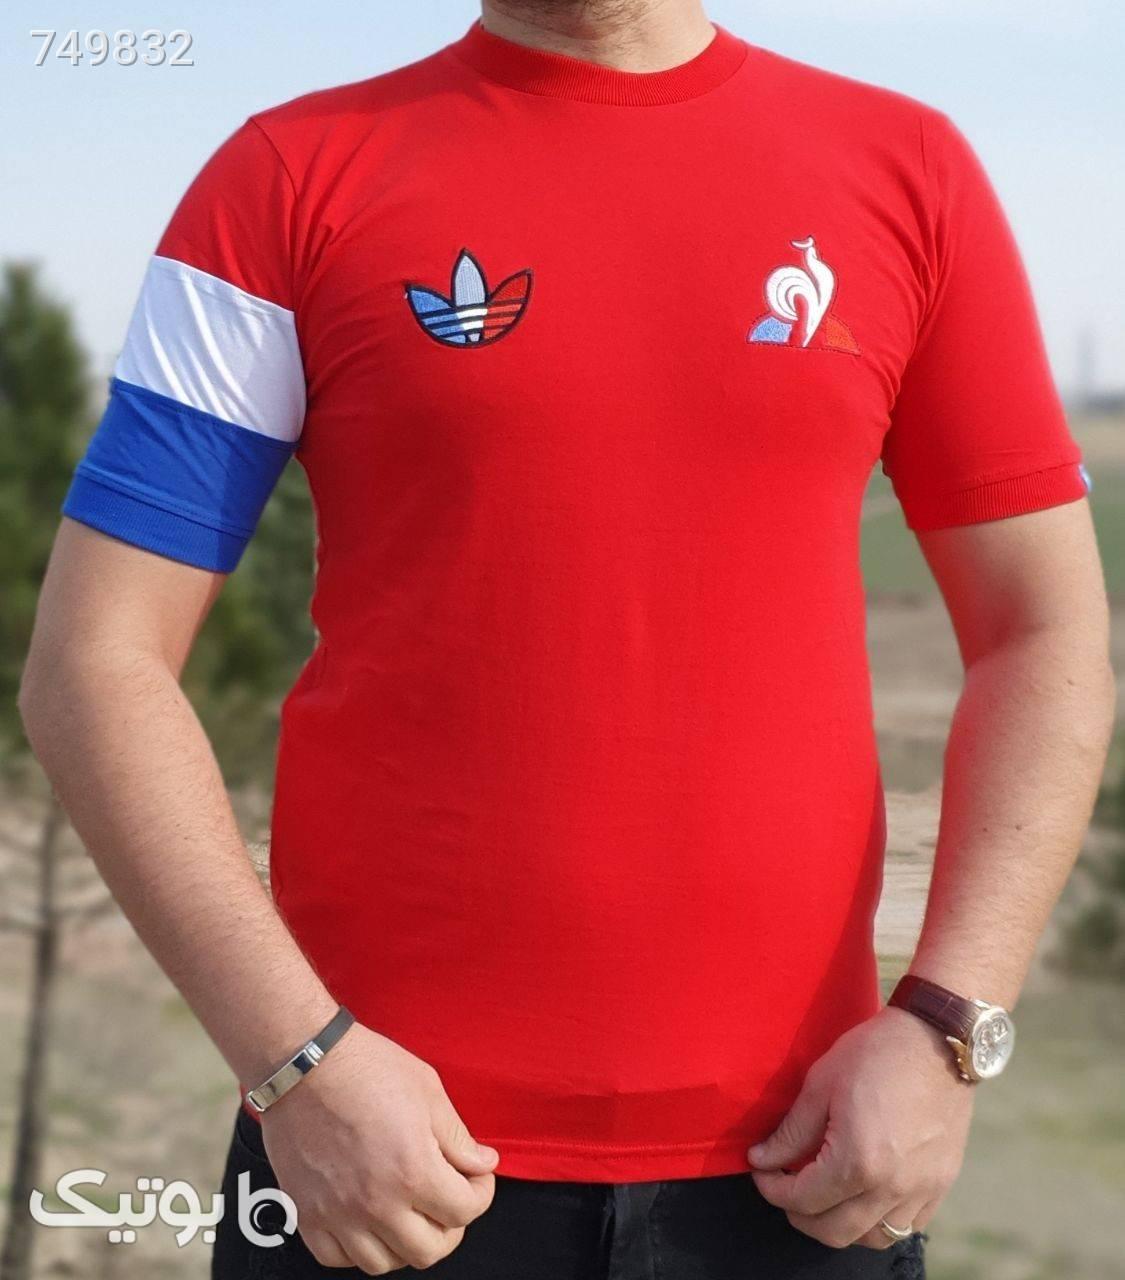 تیشرت اورجینال آبی تی شرت و پولو شرت مردانه